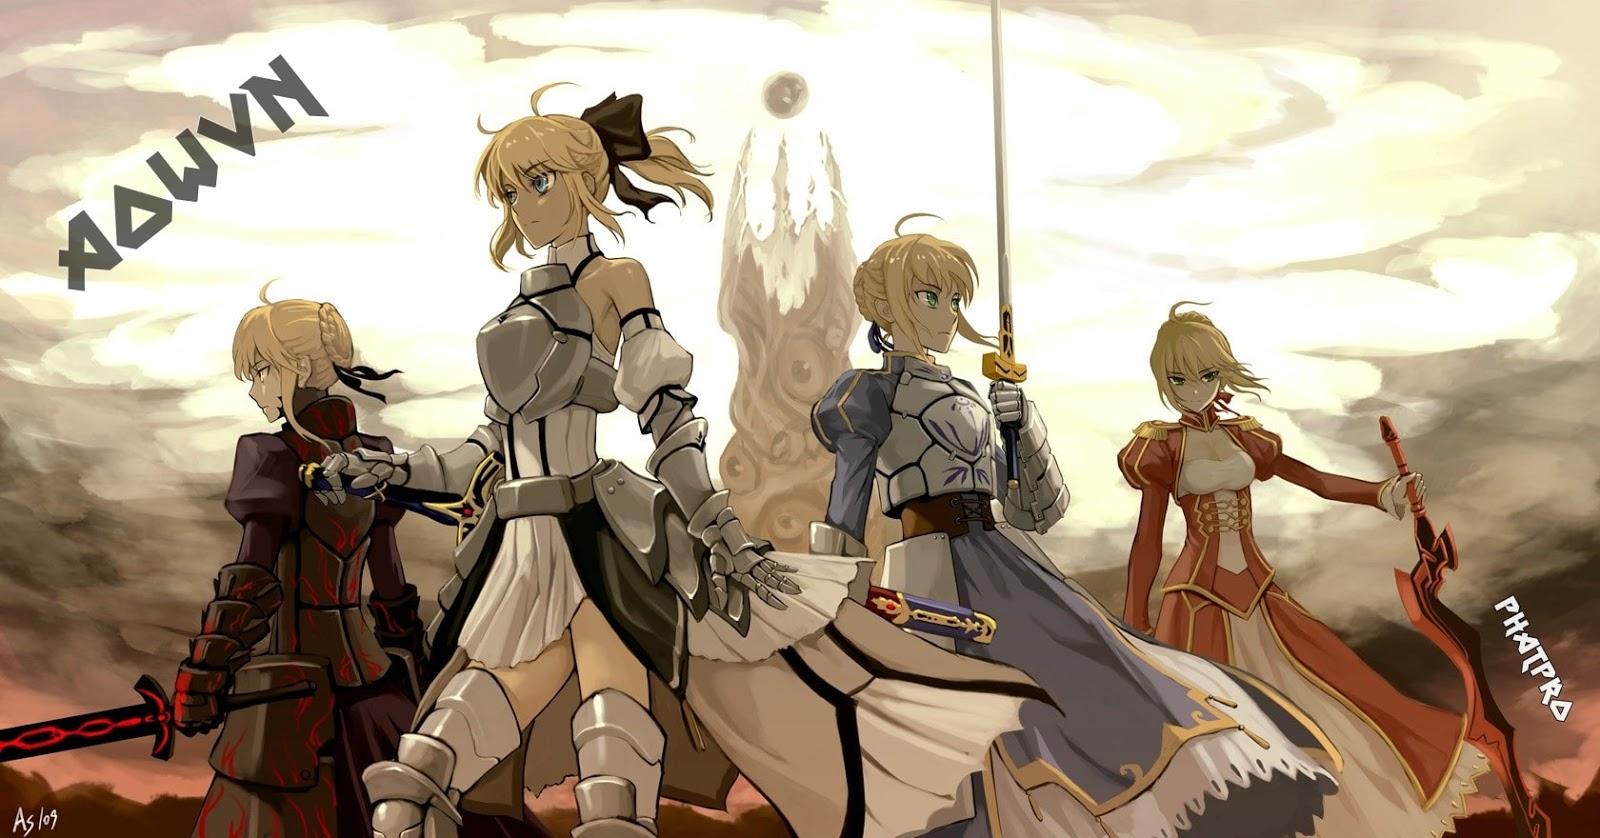 Fate%2B %2BPhatpro min - [ Anime 3gp Mp4 ] Series Fate : Thứ Tự Xem Theo Năm Sản Xuất Chuẩn Nhất - Không Xem Rất Là Phí